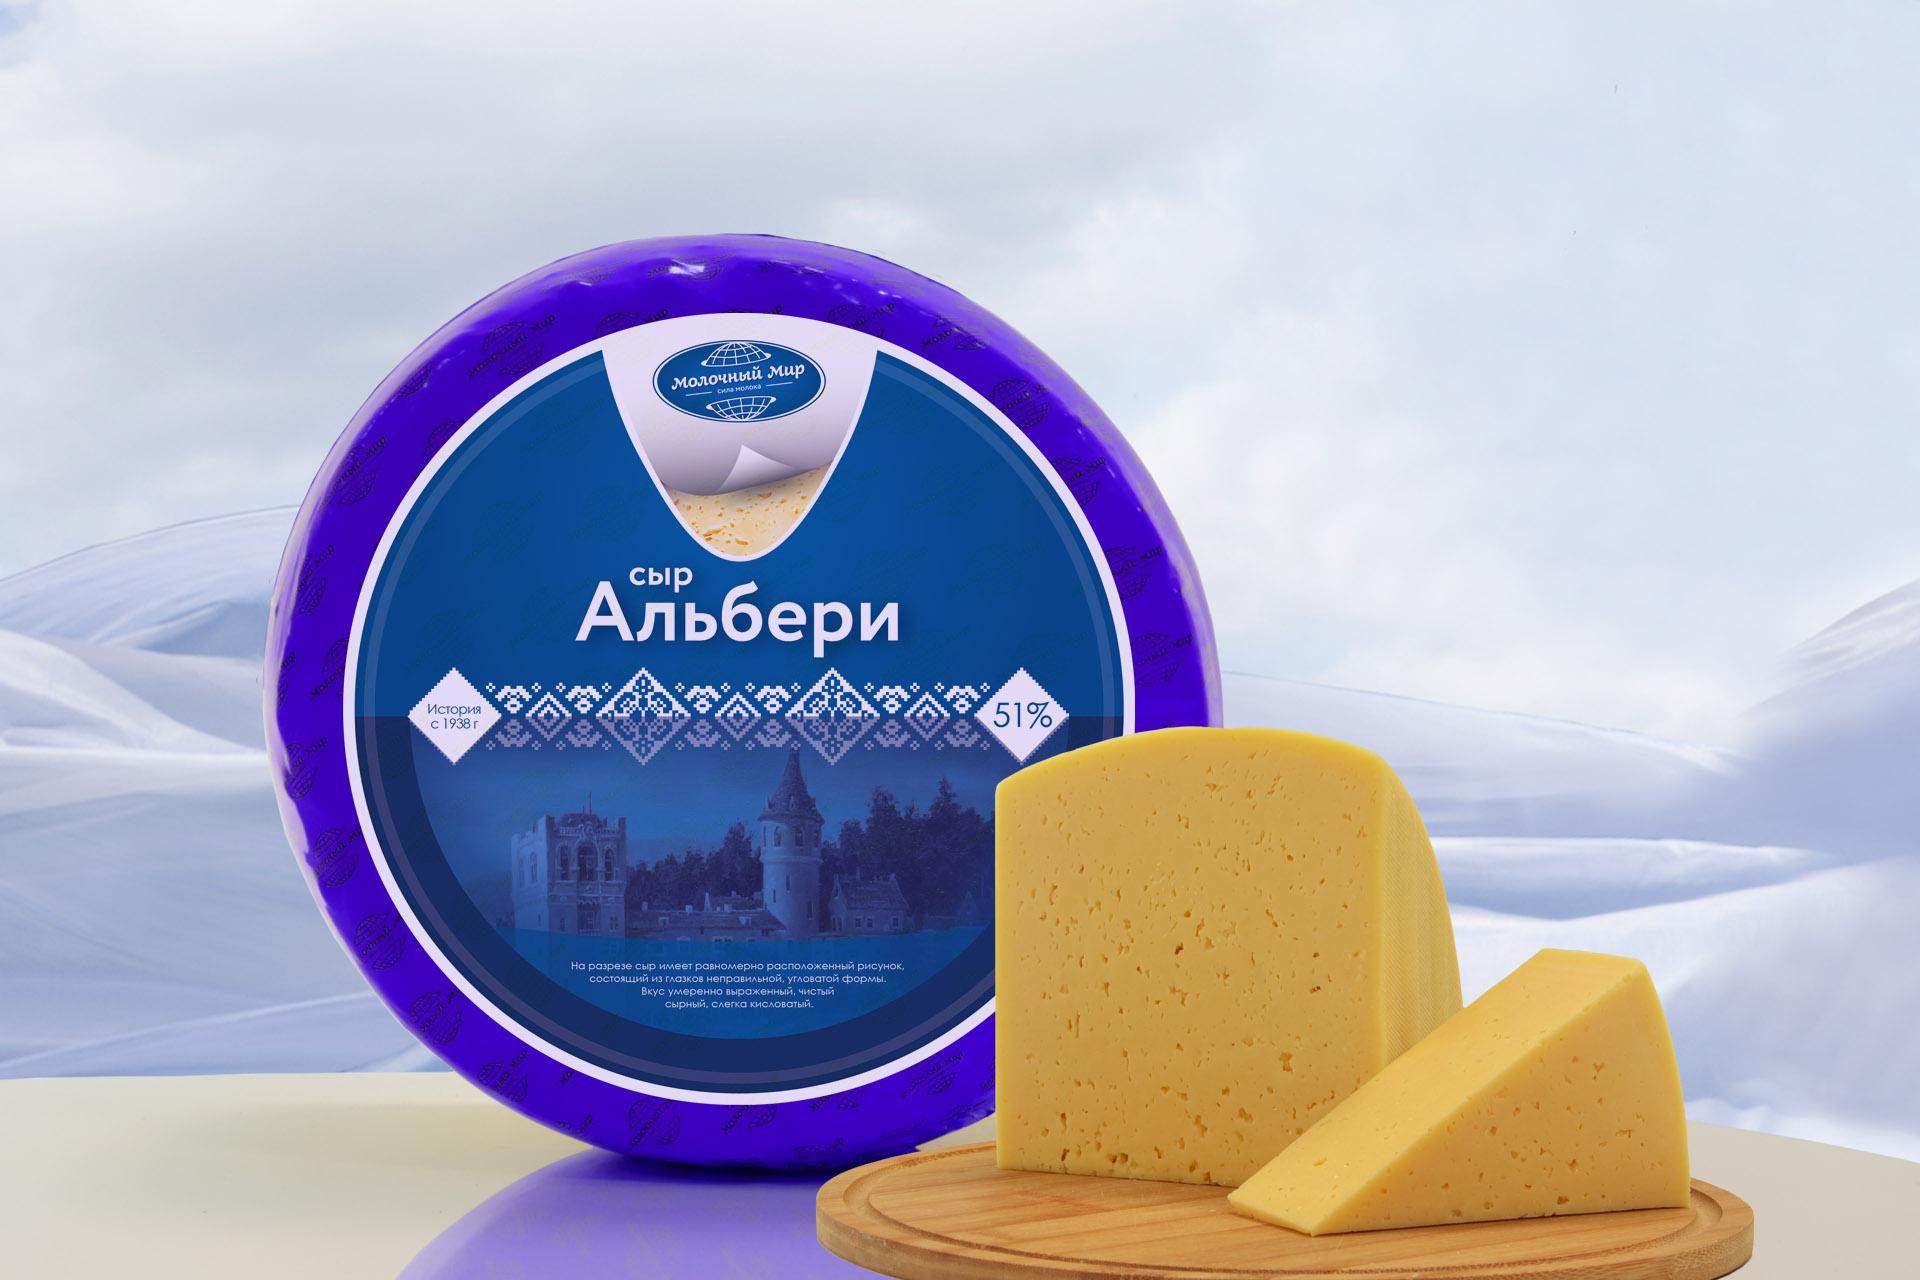 Сыр «Альбери» 51% Молочный Мир